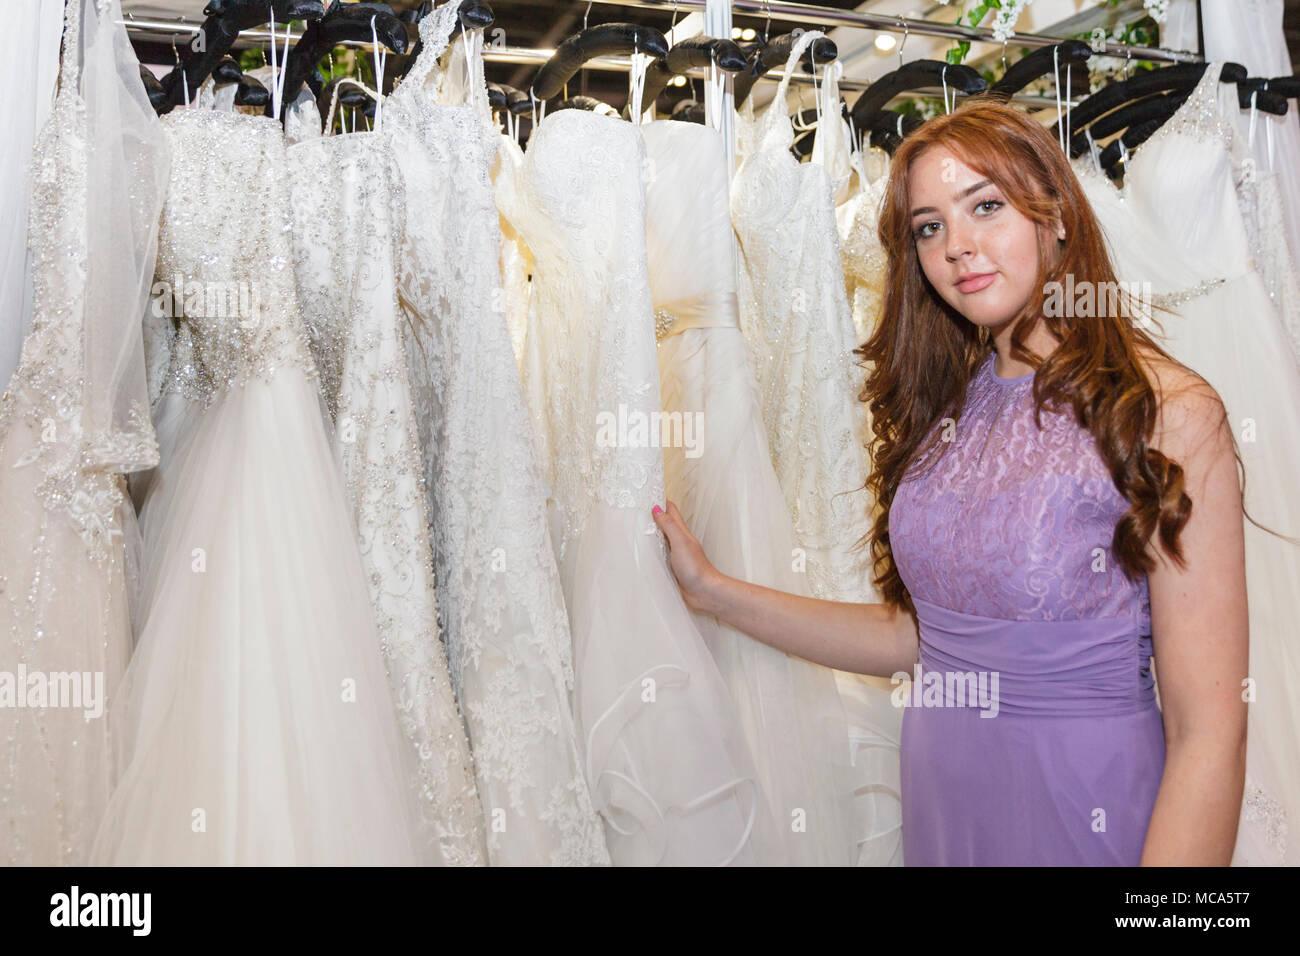 Wunderbar Birmingham Brautkleider Bilder - Hochzeit Kleid Stile ...